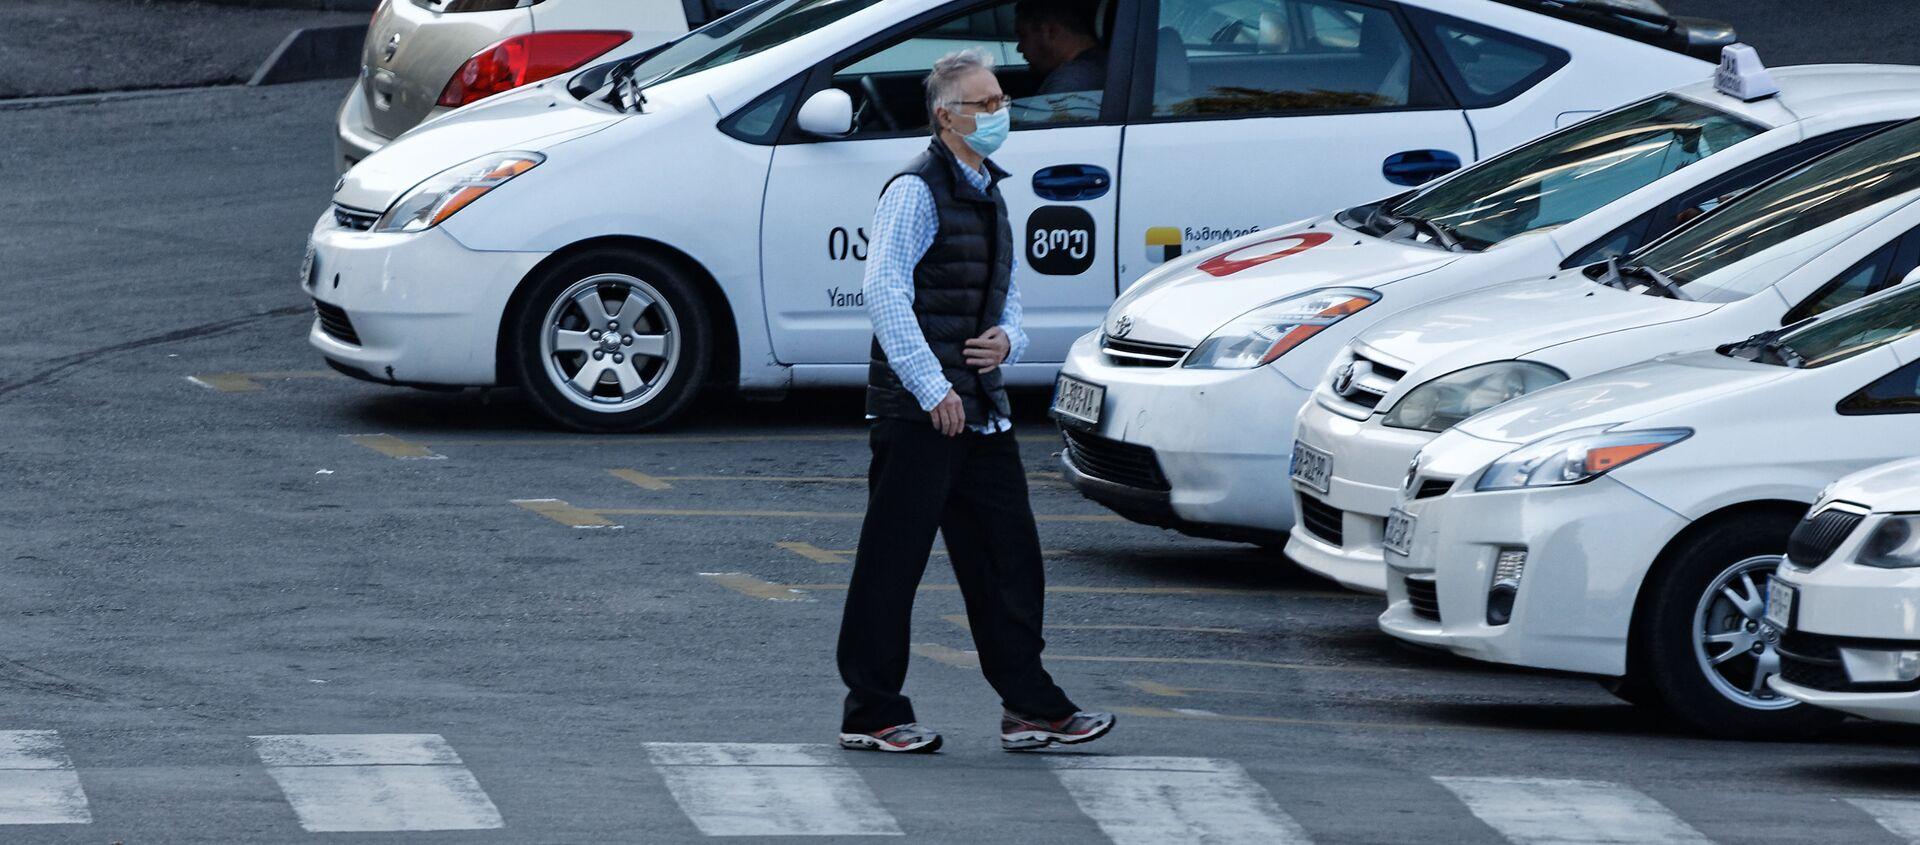 Эпидемия коронавируса - мужчина идет по улице в маске мимо такси - Sputnik Грузия, 1920, 09.02.2021